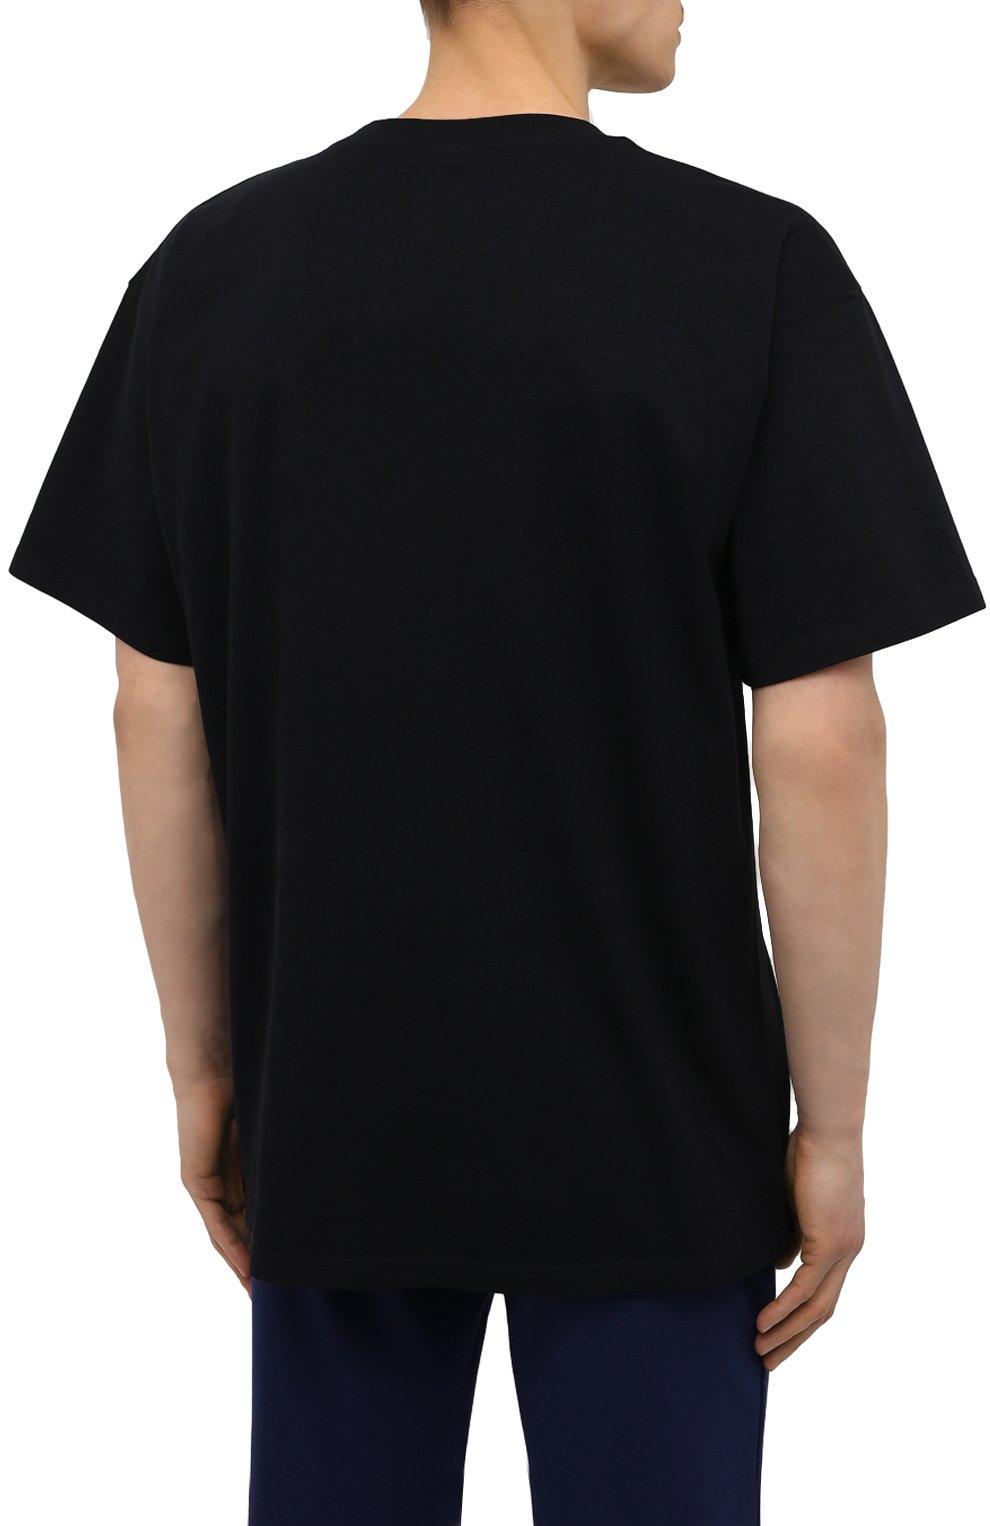 Мужская хлопковая футболка MOSCHINO черного цвета, арт. A1923/8125   Фото 4 (Кросс-КТ: домашняя одежда; Рукава: Короткие; Длина (для топов): Стандартные; Материал внешний: Хлопок; Мужское Кросс-КТ: Футболка-белье)